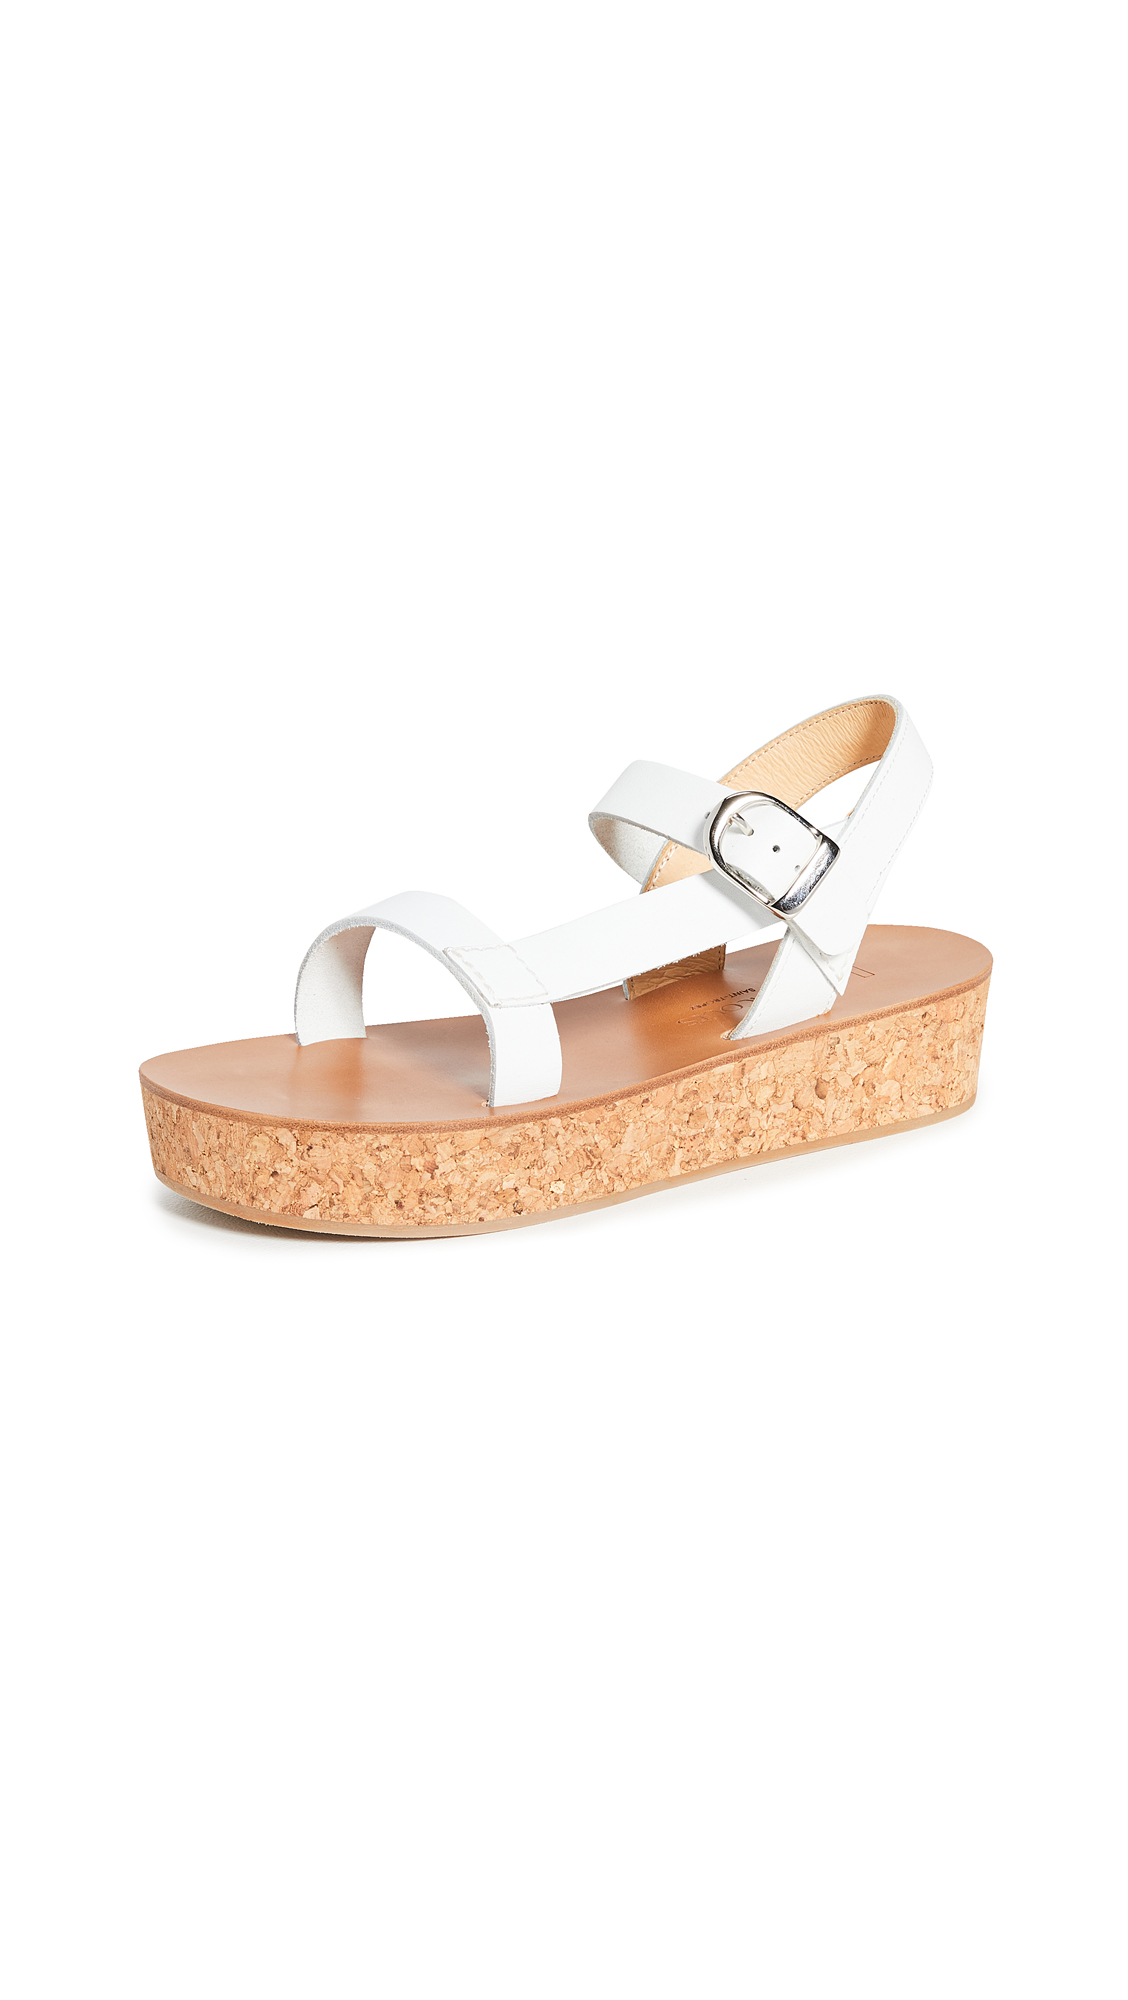 Buy K. Jacques Senet Sandals online, shop K. Jacques